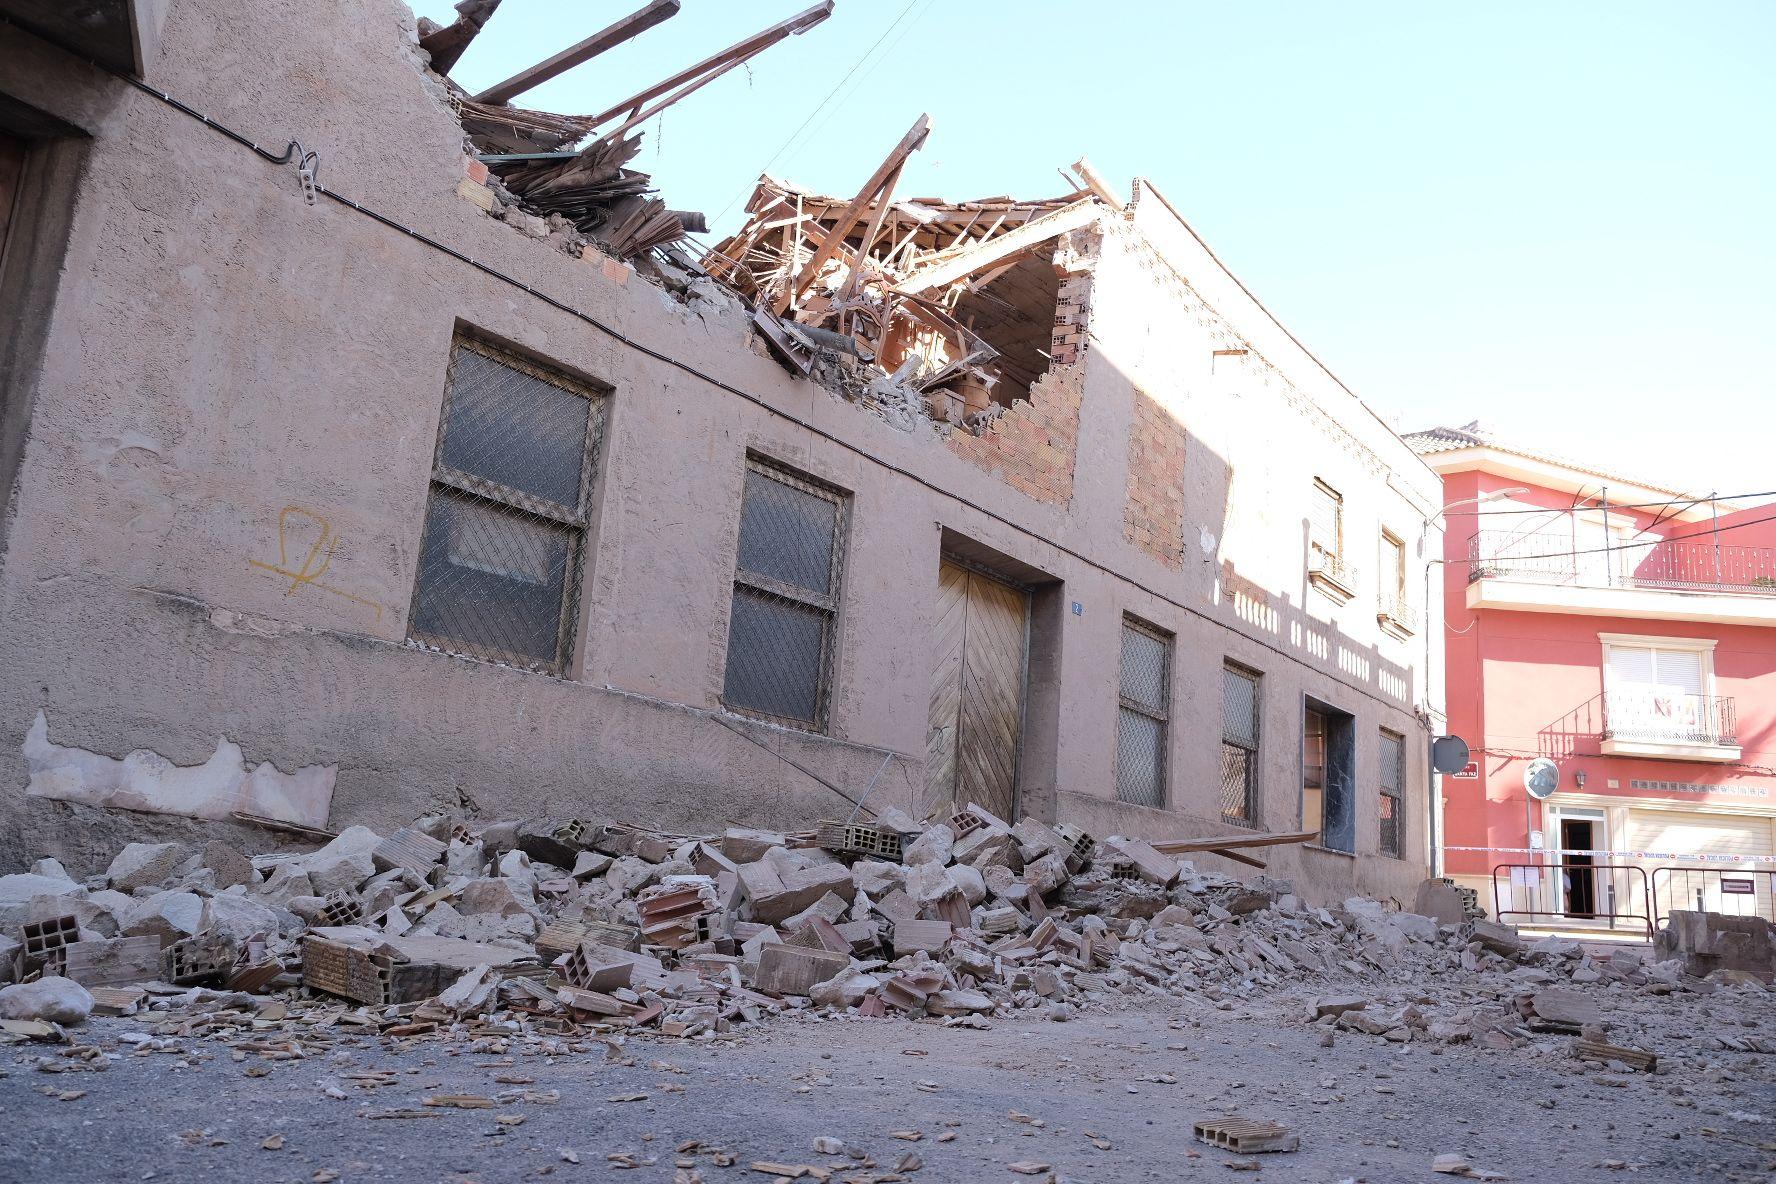 Galería derrumbe de la fachada de una vivienda calle Miguel Hernández Aspe